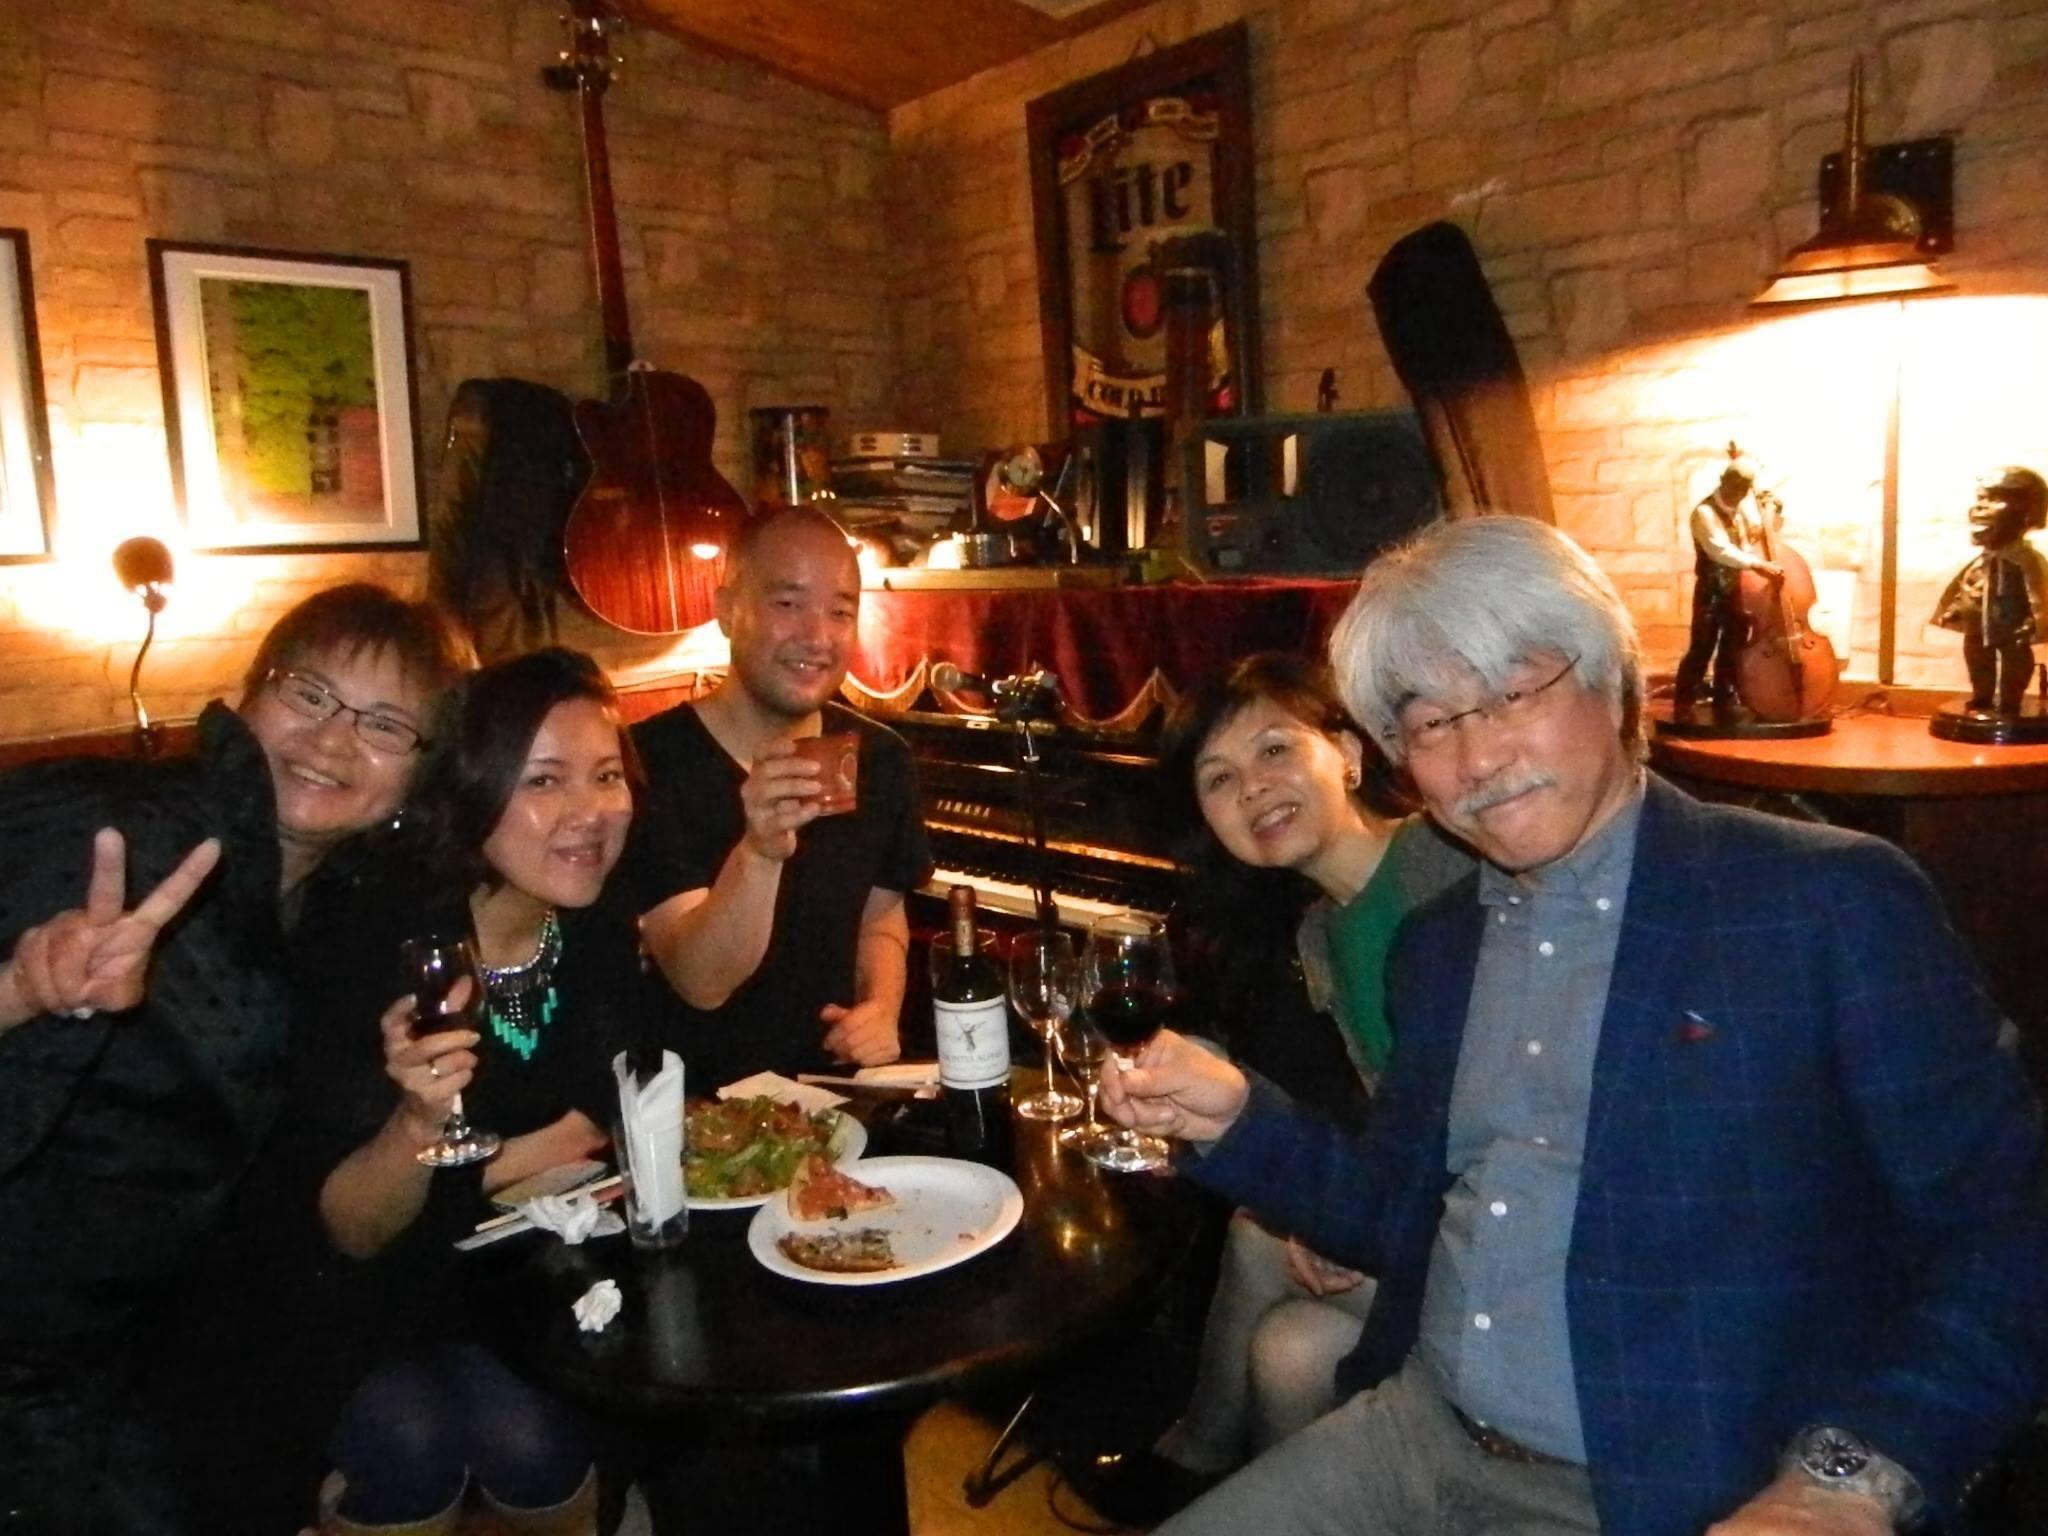 ホテルマリターレ創世でのディナーショー& 春吉CLUTCHライブ with Art Hirahara & ペペ伊藤_a0150139_06433932.jpg